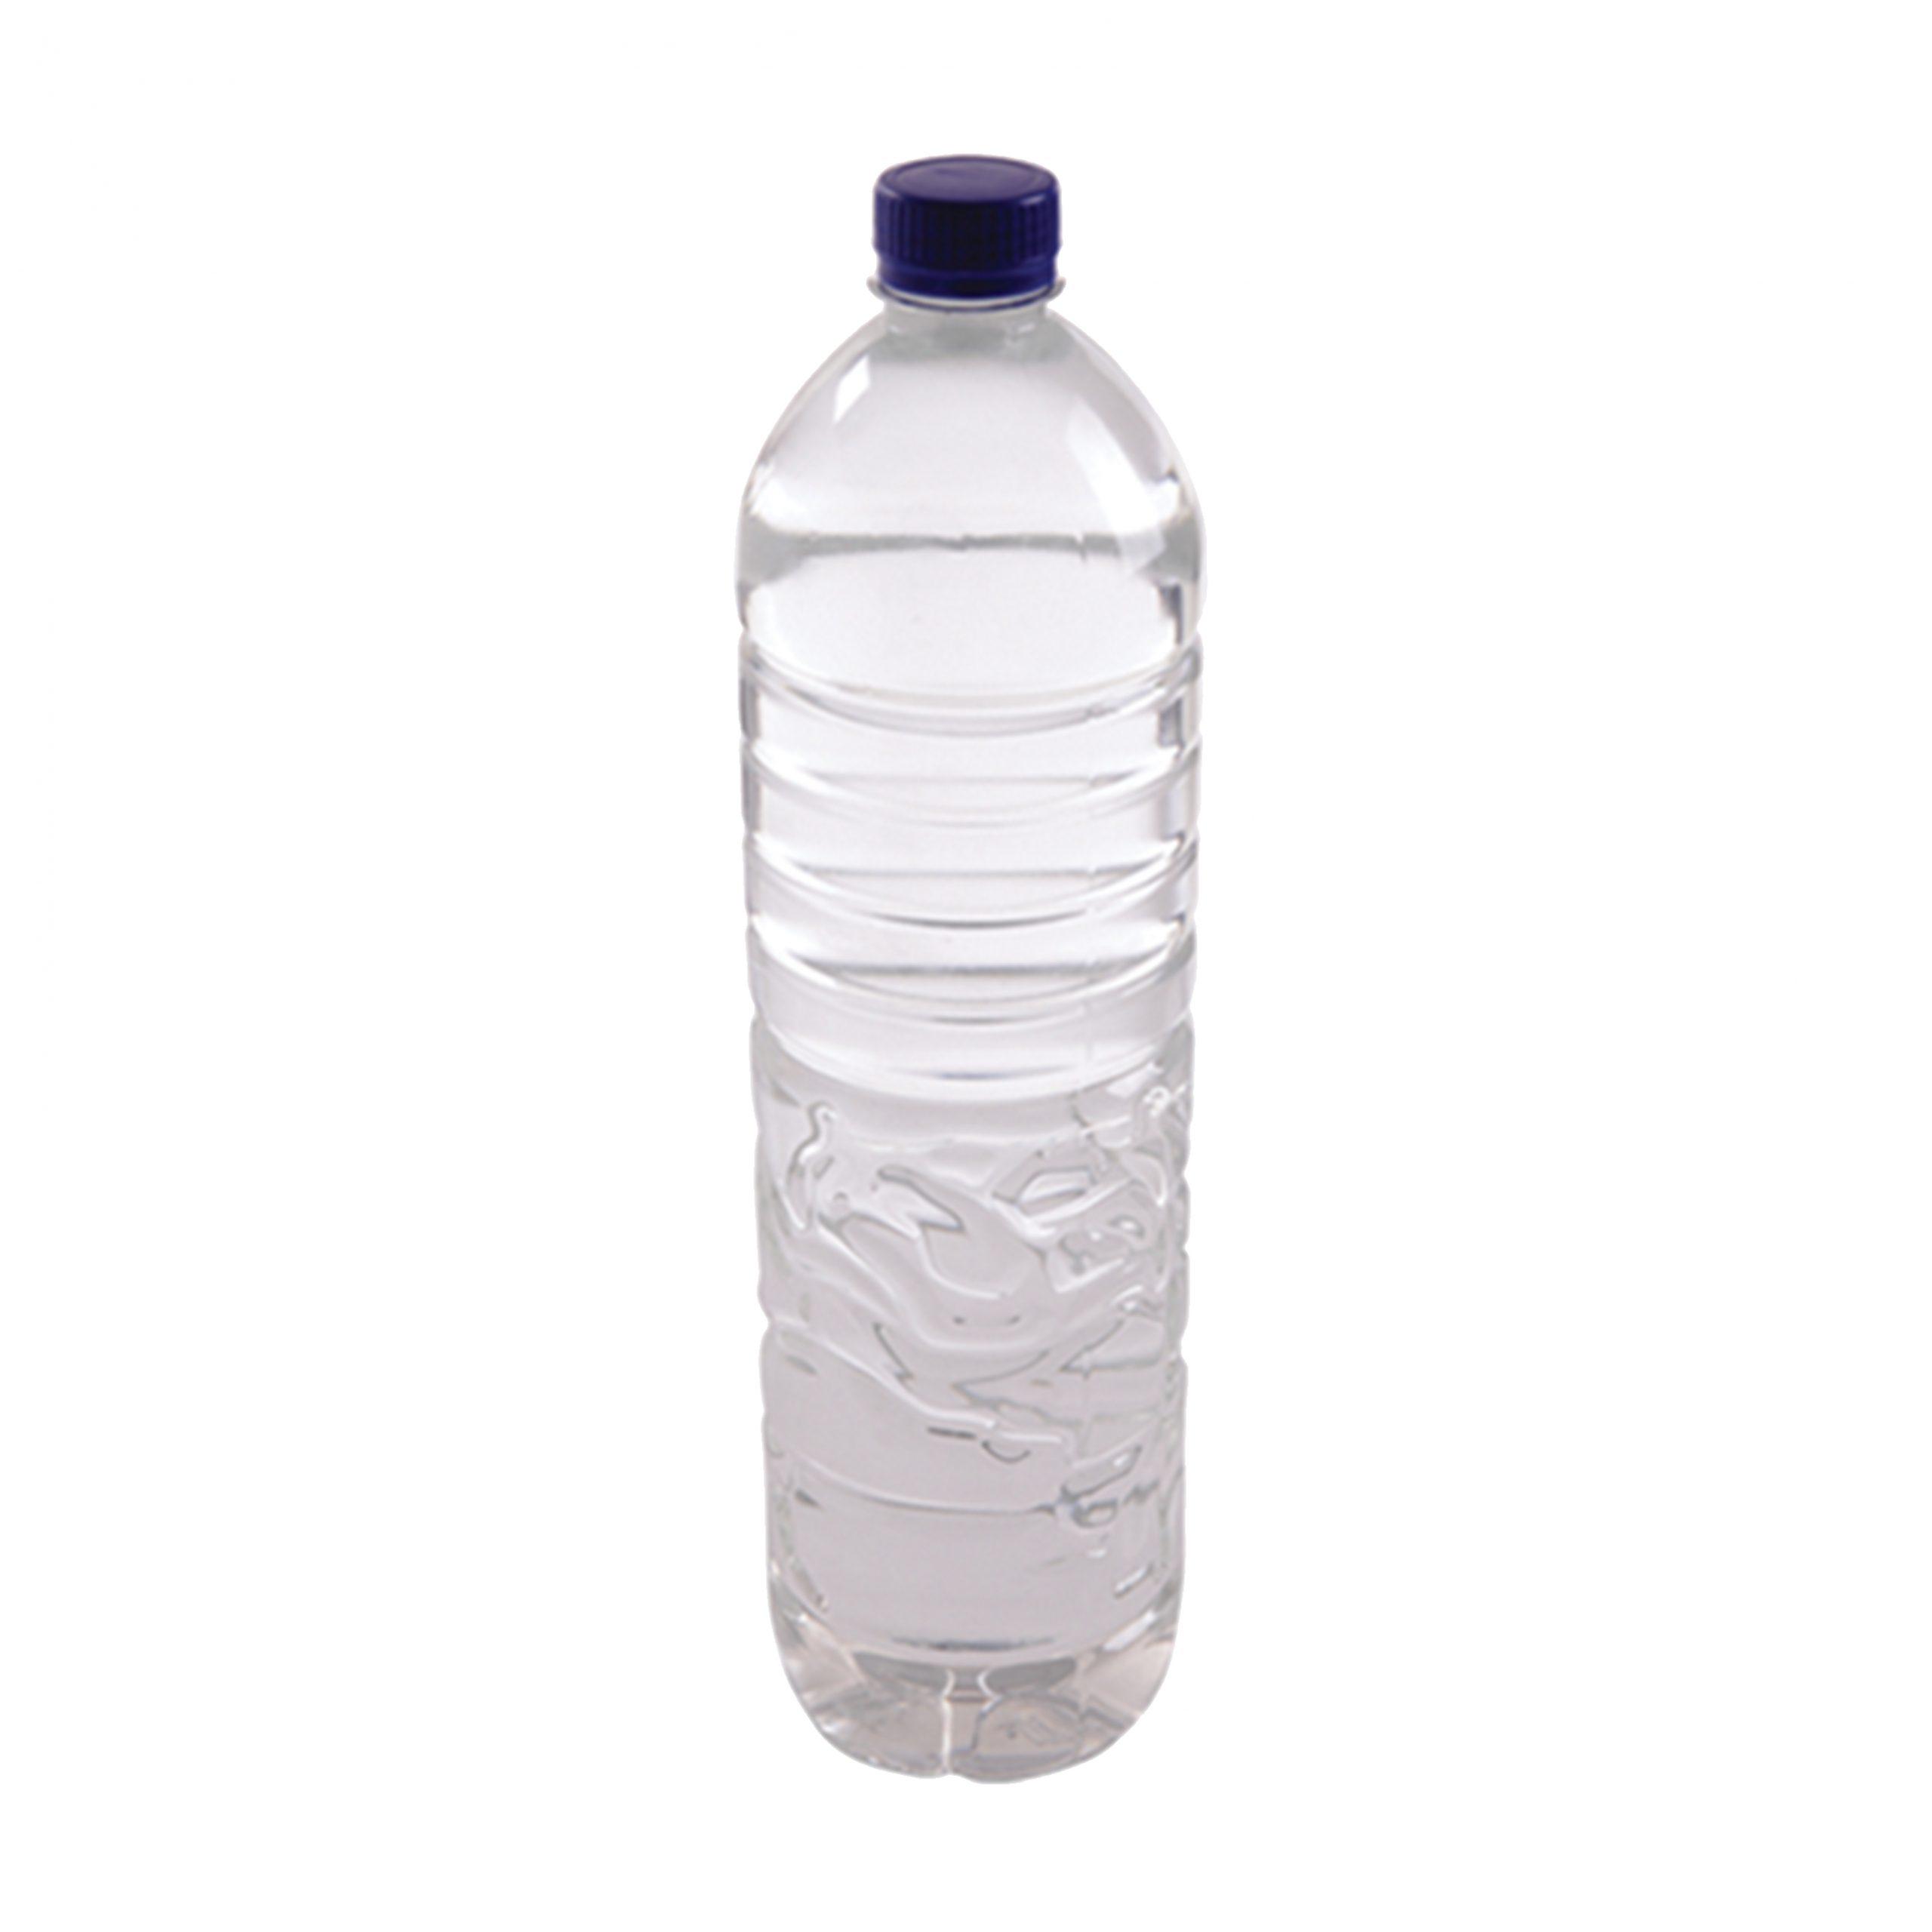 Distributor Botol Plastik 1500 ml Murah Kualitas Terjamin